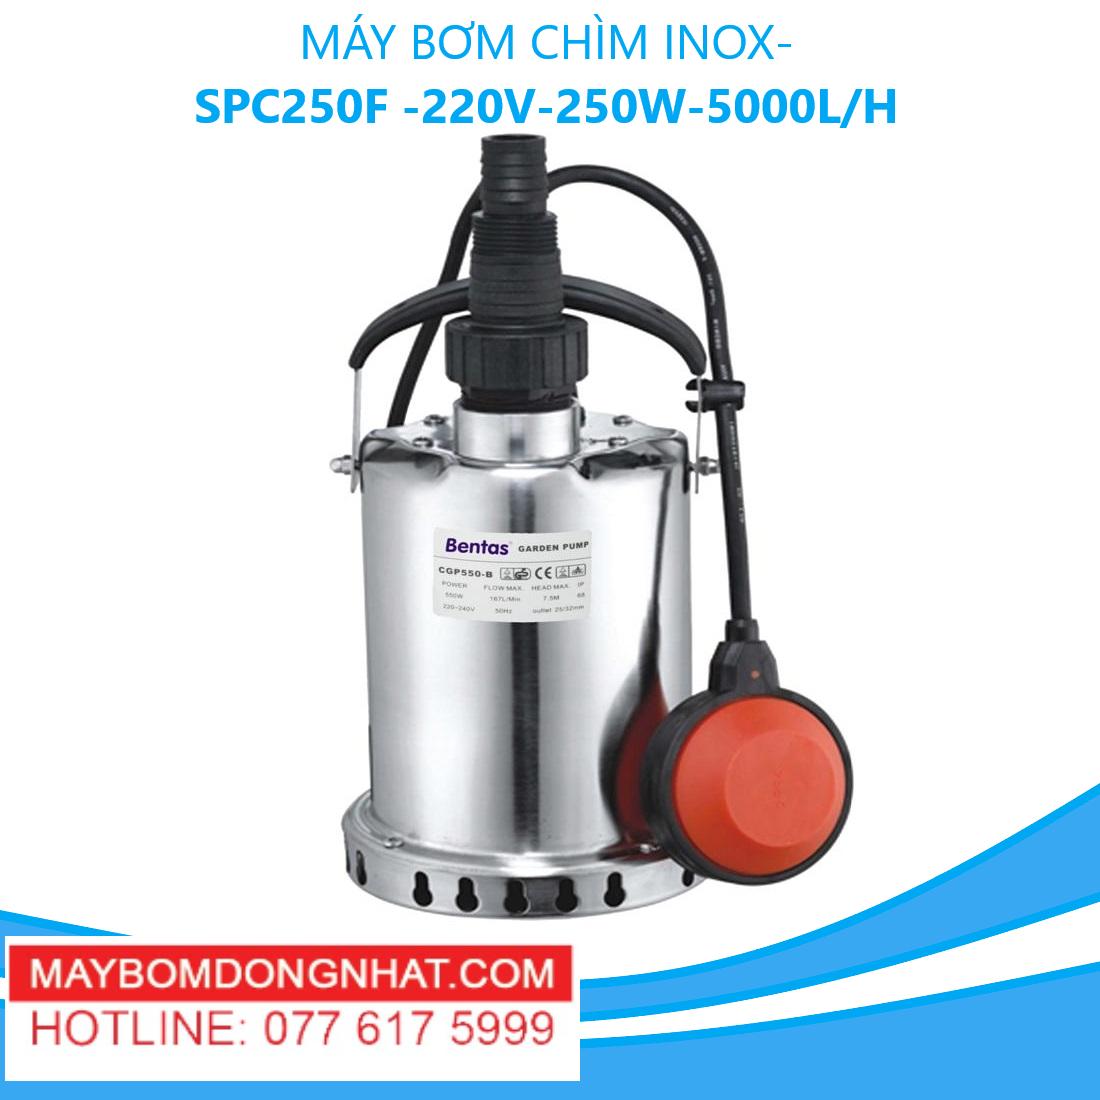 MÁY BƠM CHÌM INOX- SPC250F -220V-250W-5000L/H(CÓ PHAO)